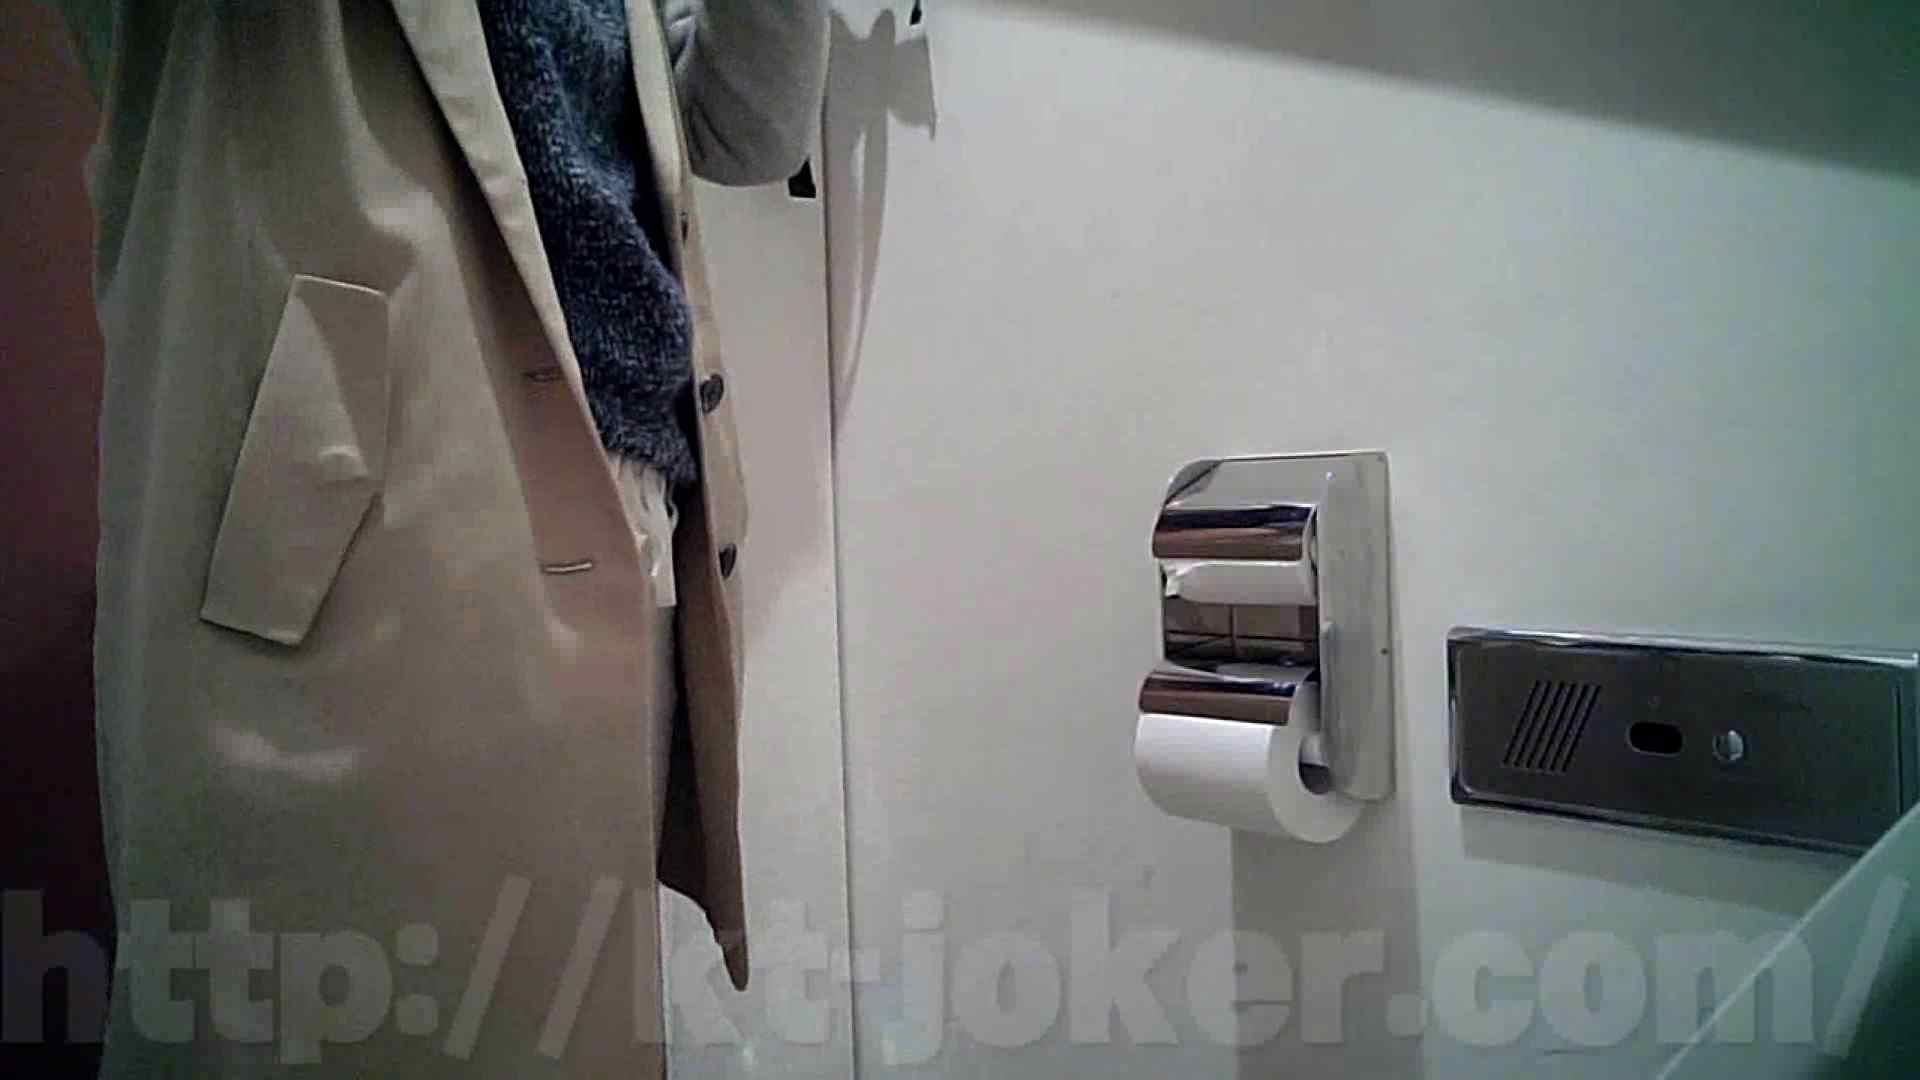 某有名大学女性洗面所 vol.26 洗面所 隠し撮りおまんこ動画流出 61PICs 43